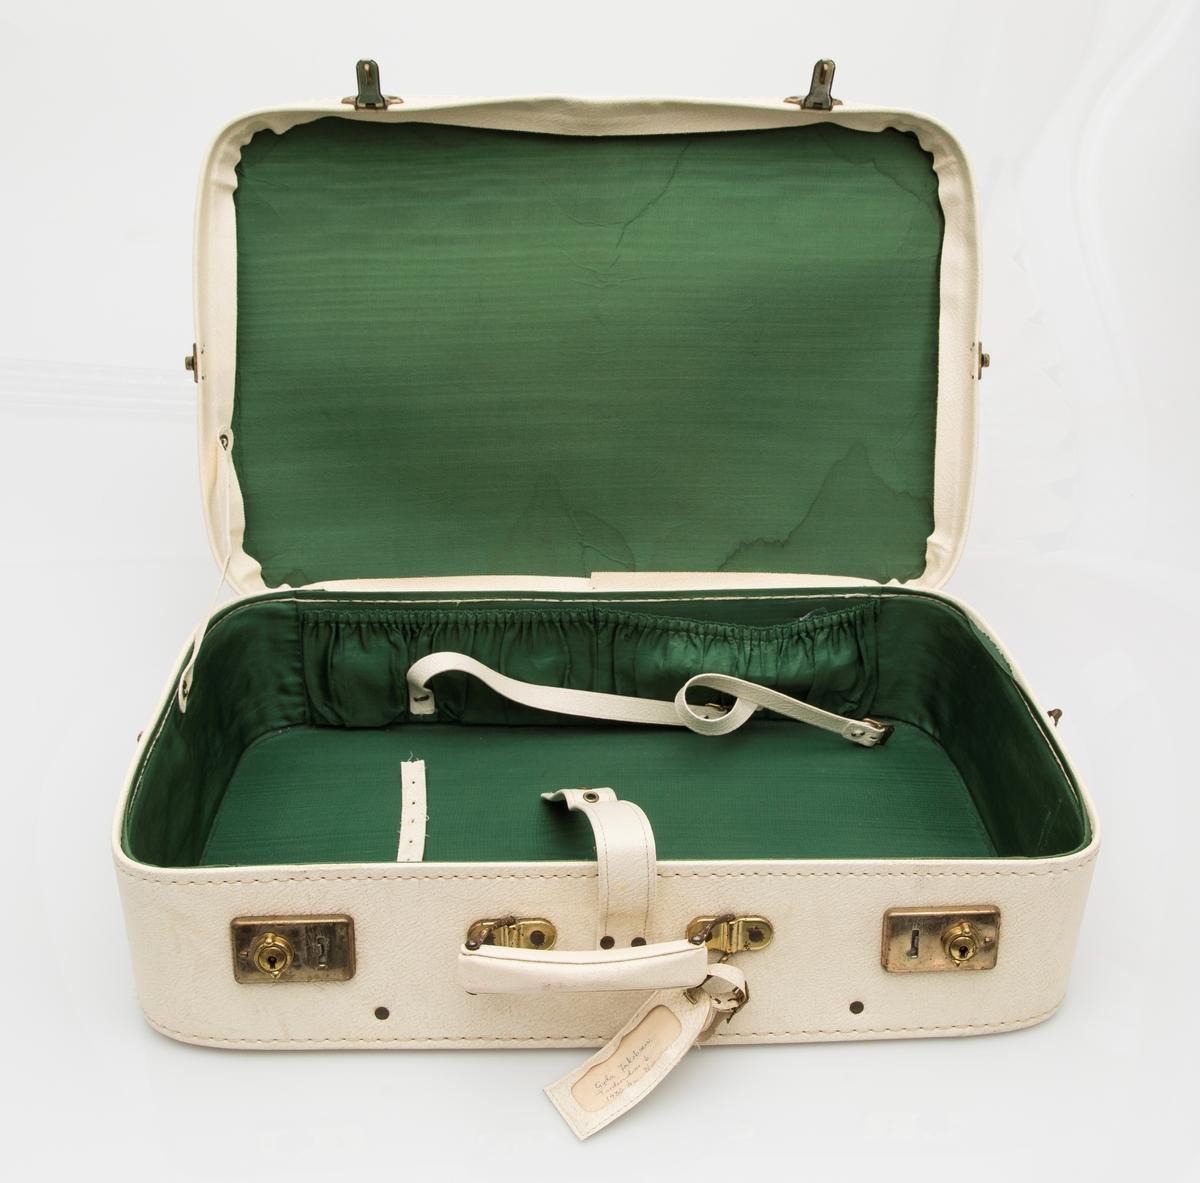 Hvit koffert med rem over lokket. To låser foran og to hekter på sidene. Fôret med grønt stoff. Adressemerkelapp.